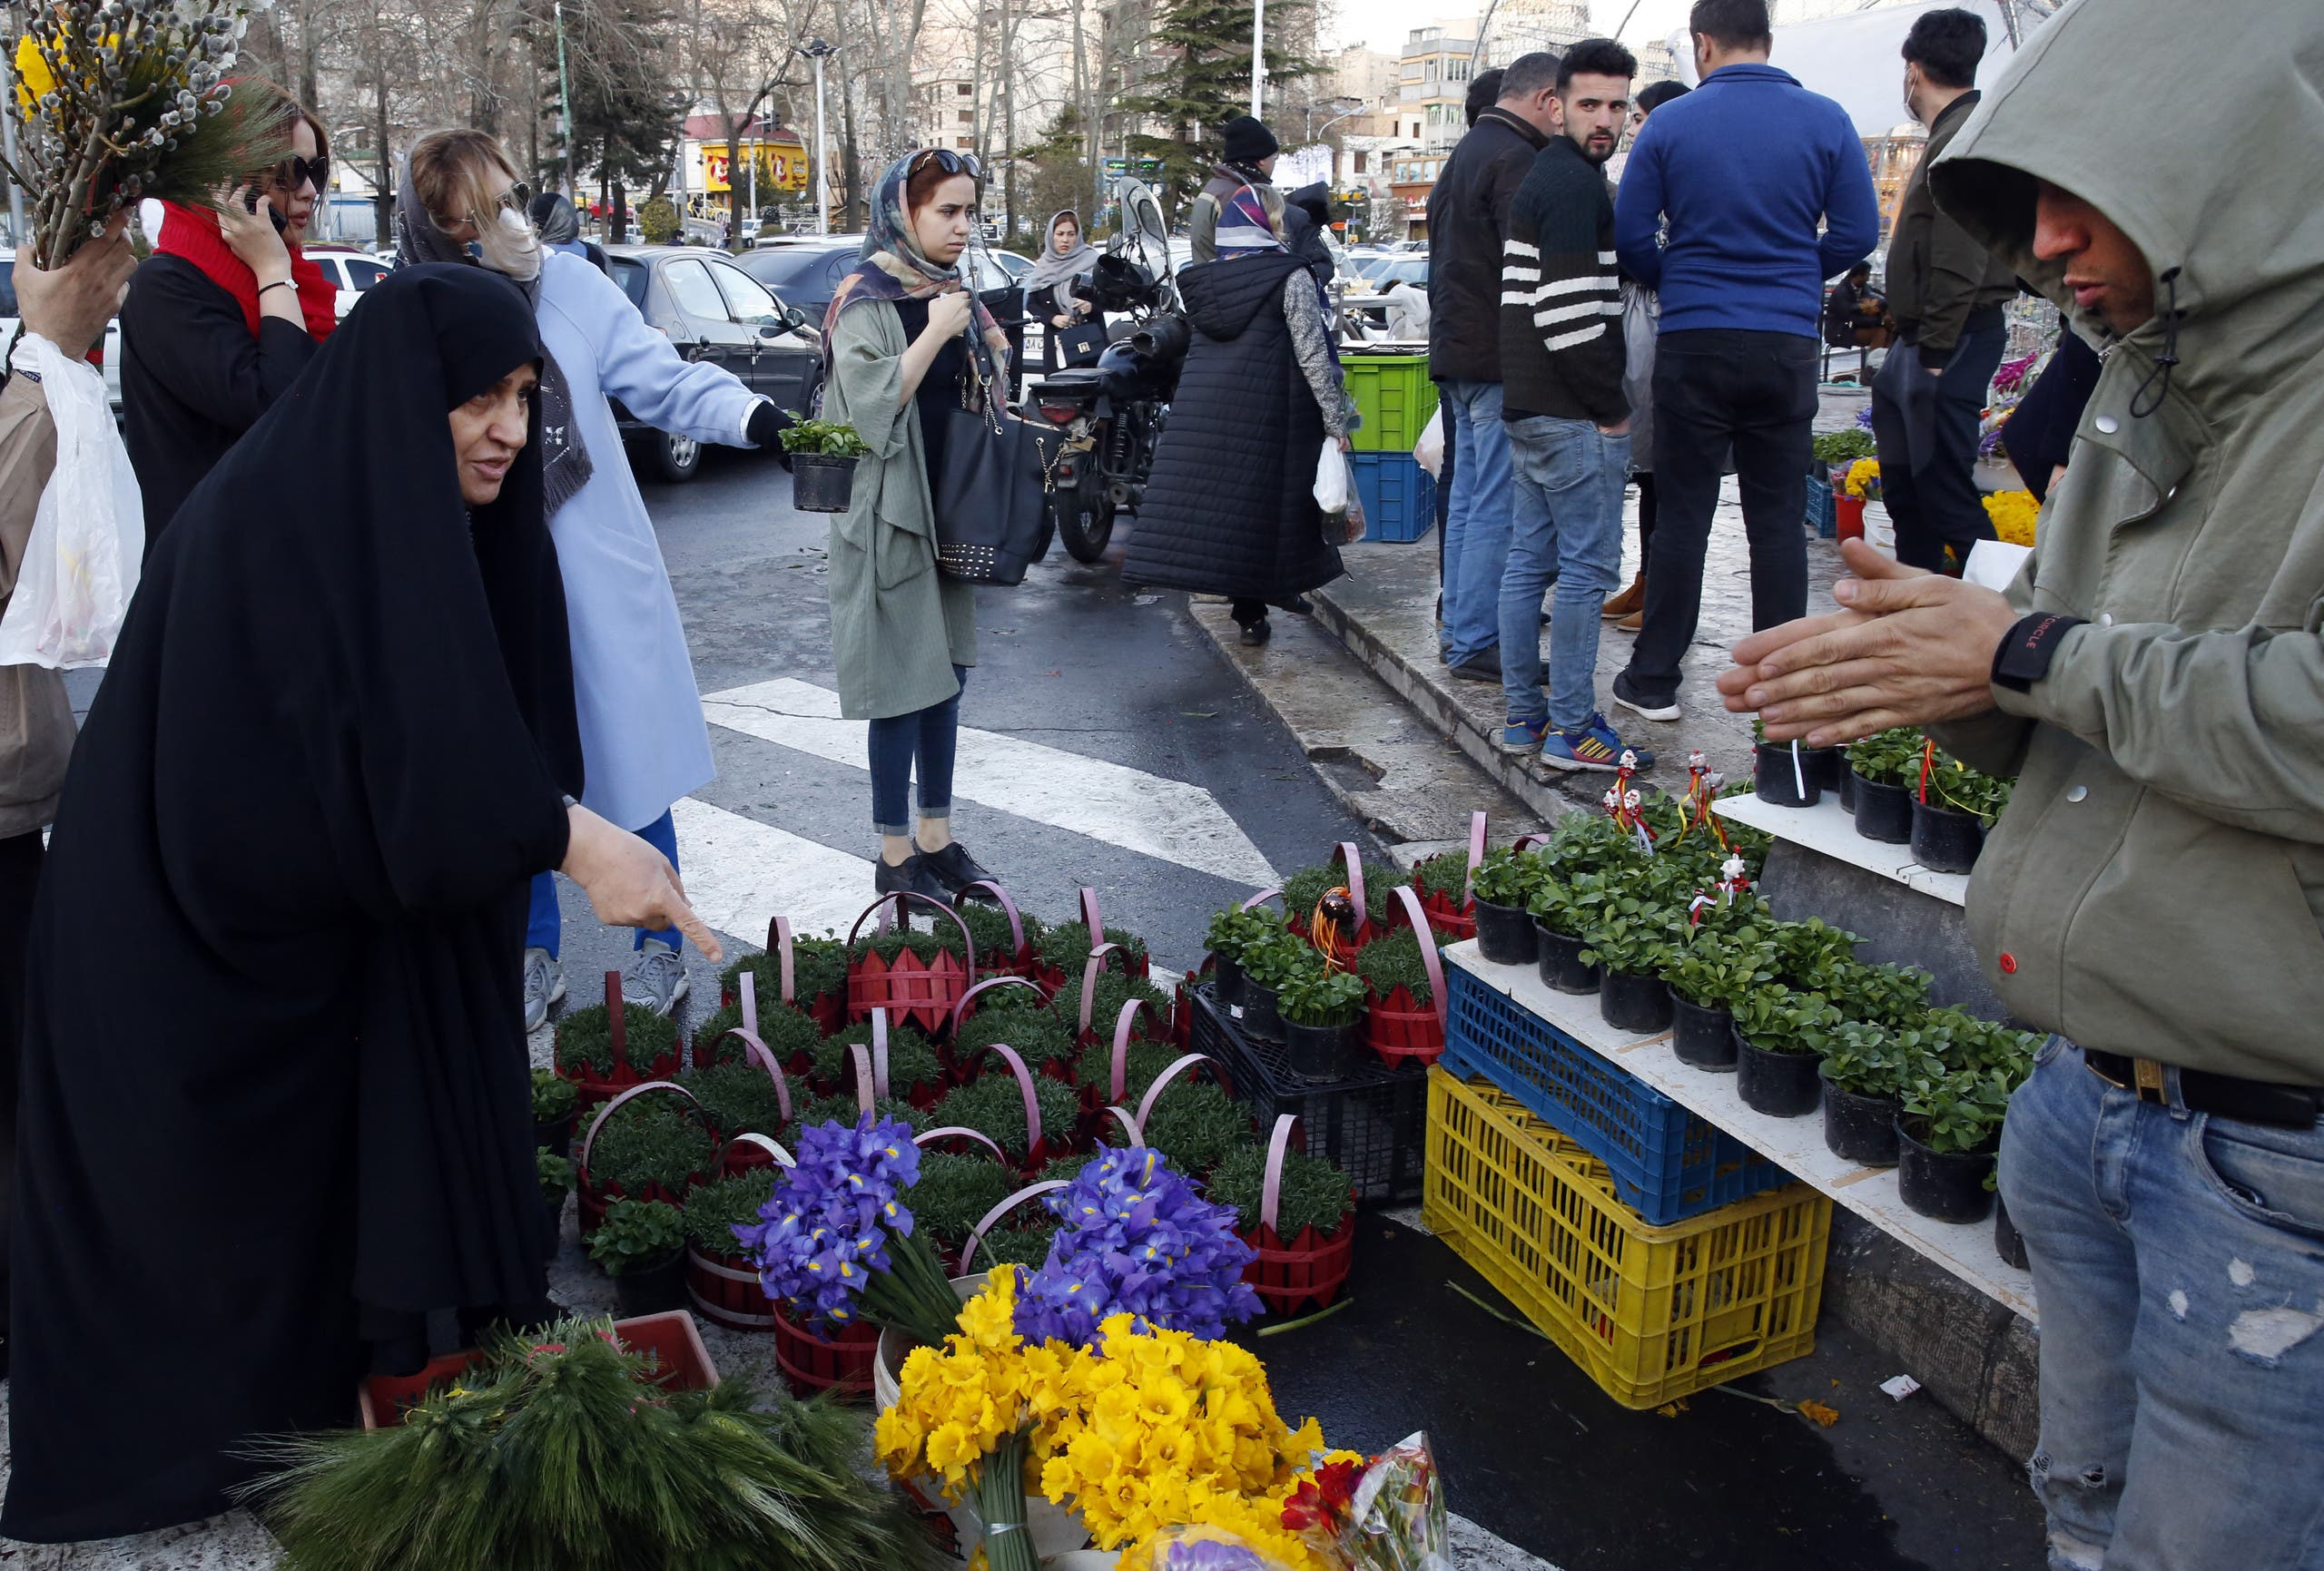 بازار تجریش در تهران  (19 مارس فرانس برس)